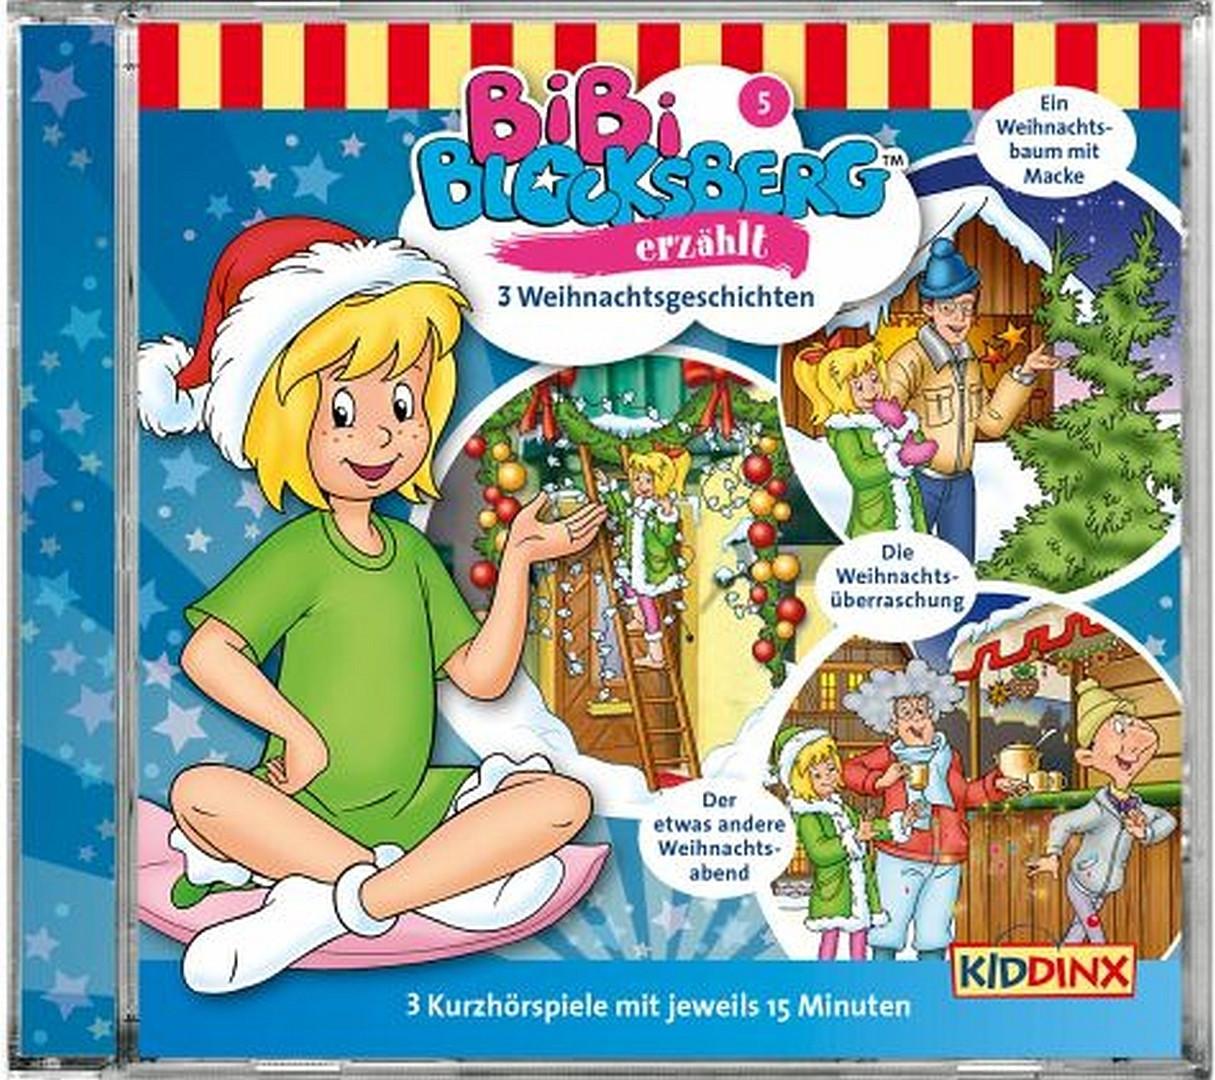 Bibi Blocksberg erzählt - Weihnachtsgeschichten